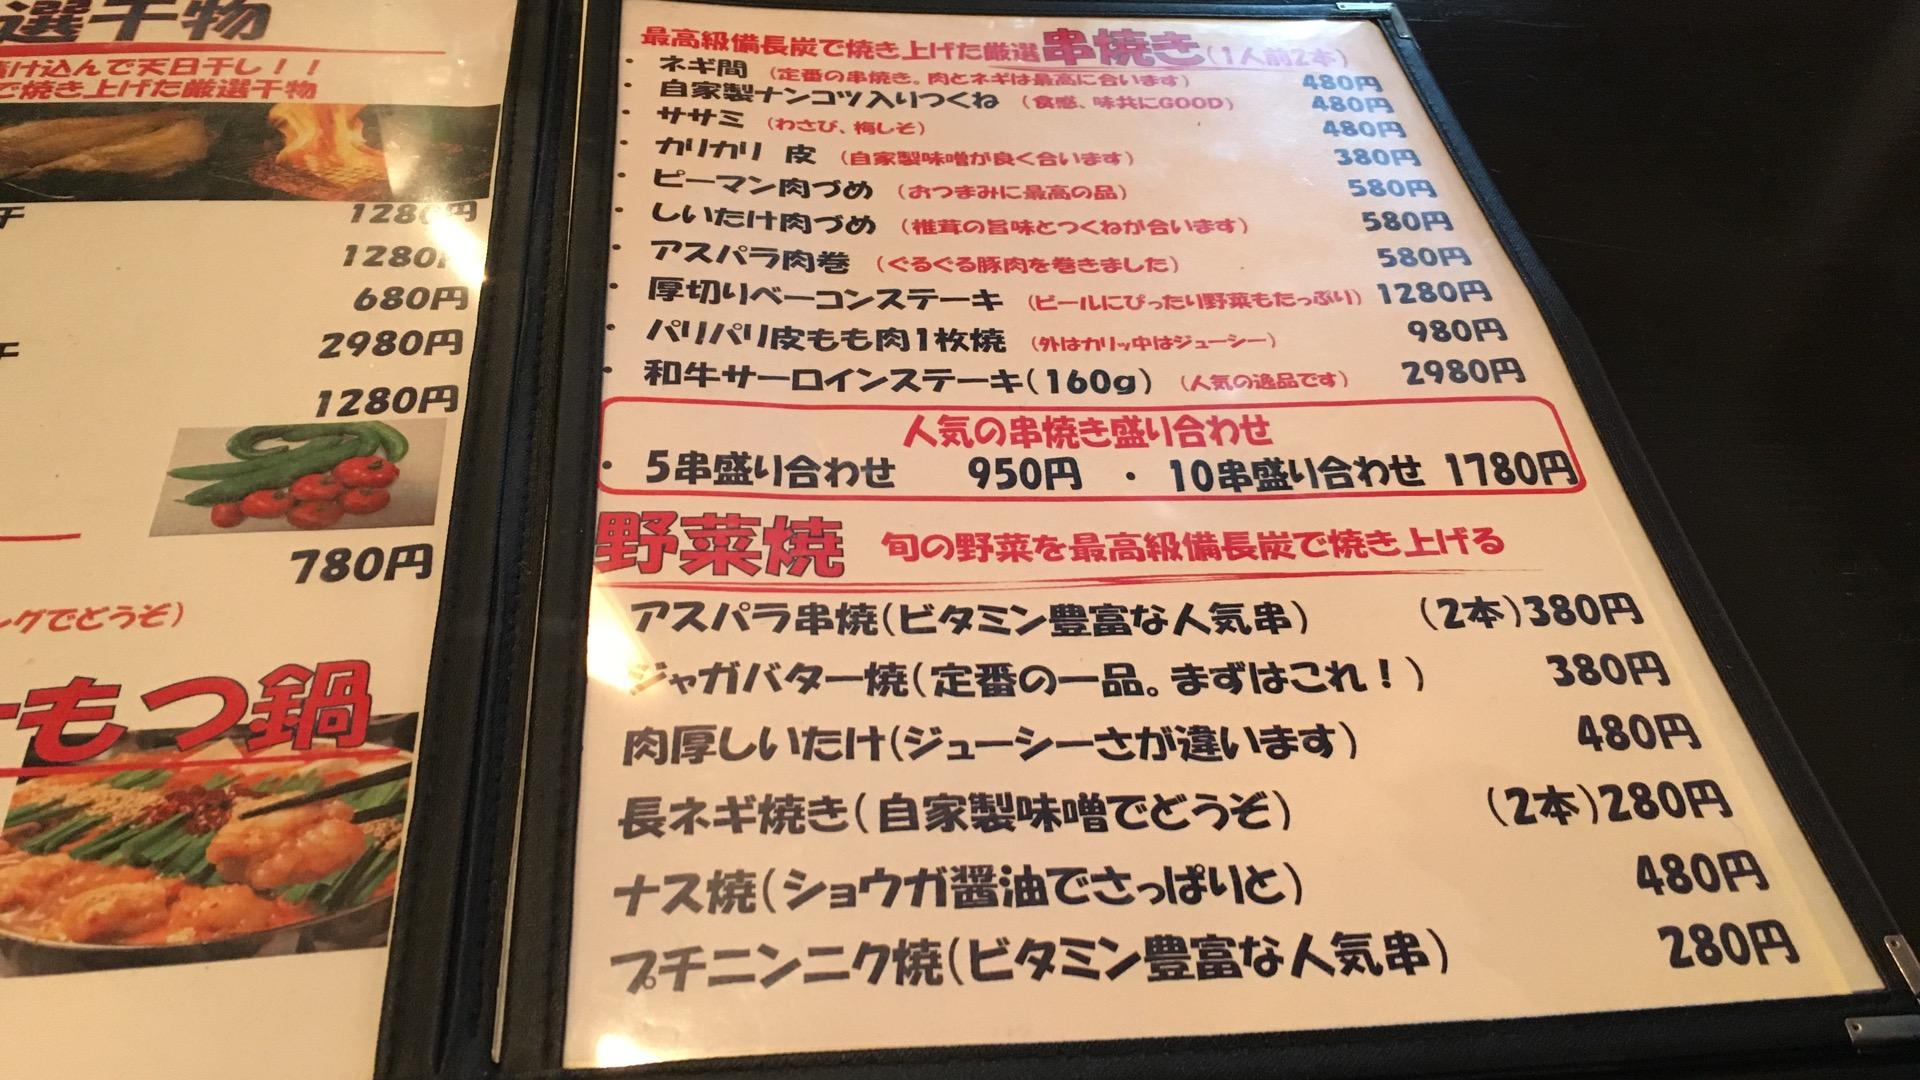 【蕨市】駅近!居酒屋「心味ろばた 膳」高級食材を使った料理もあっておすすめ